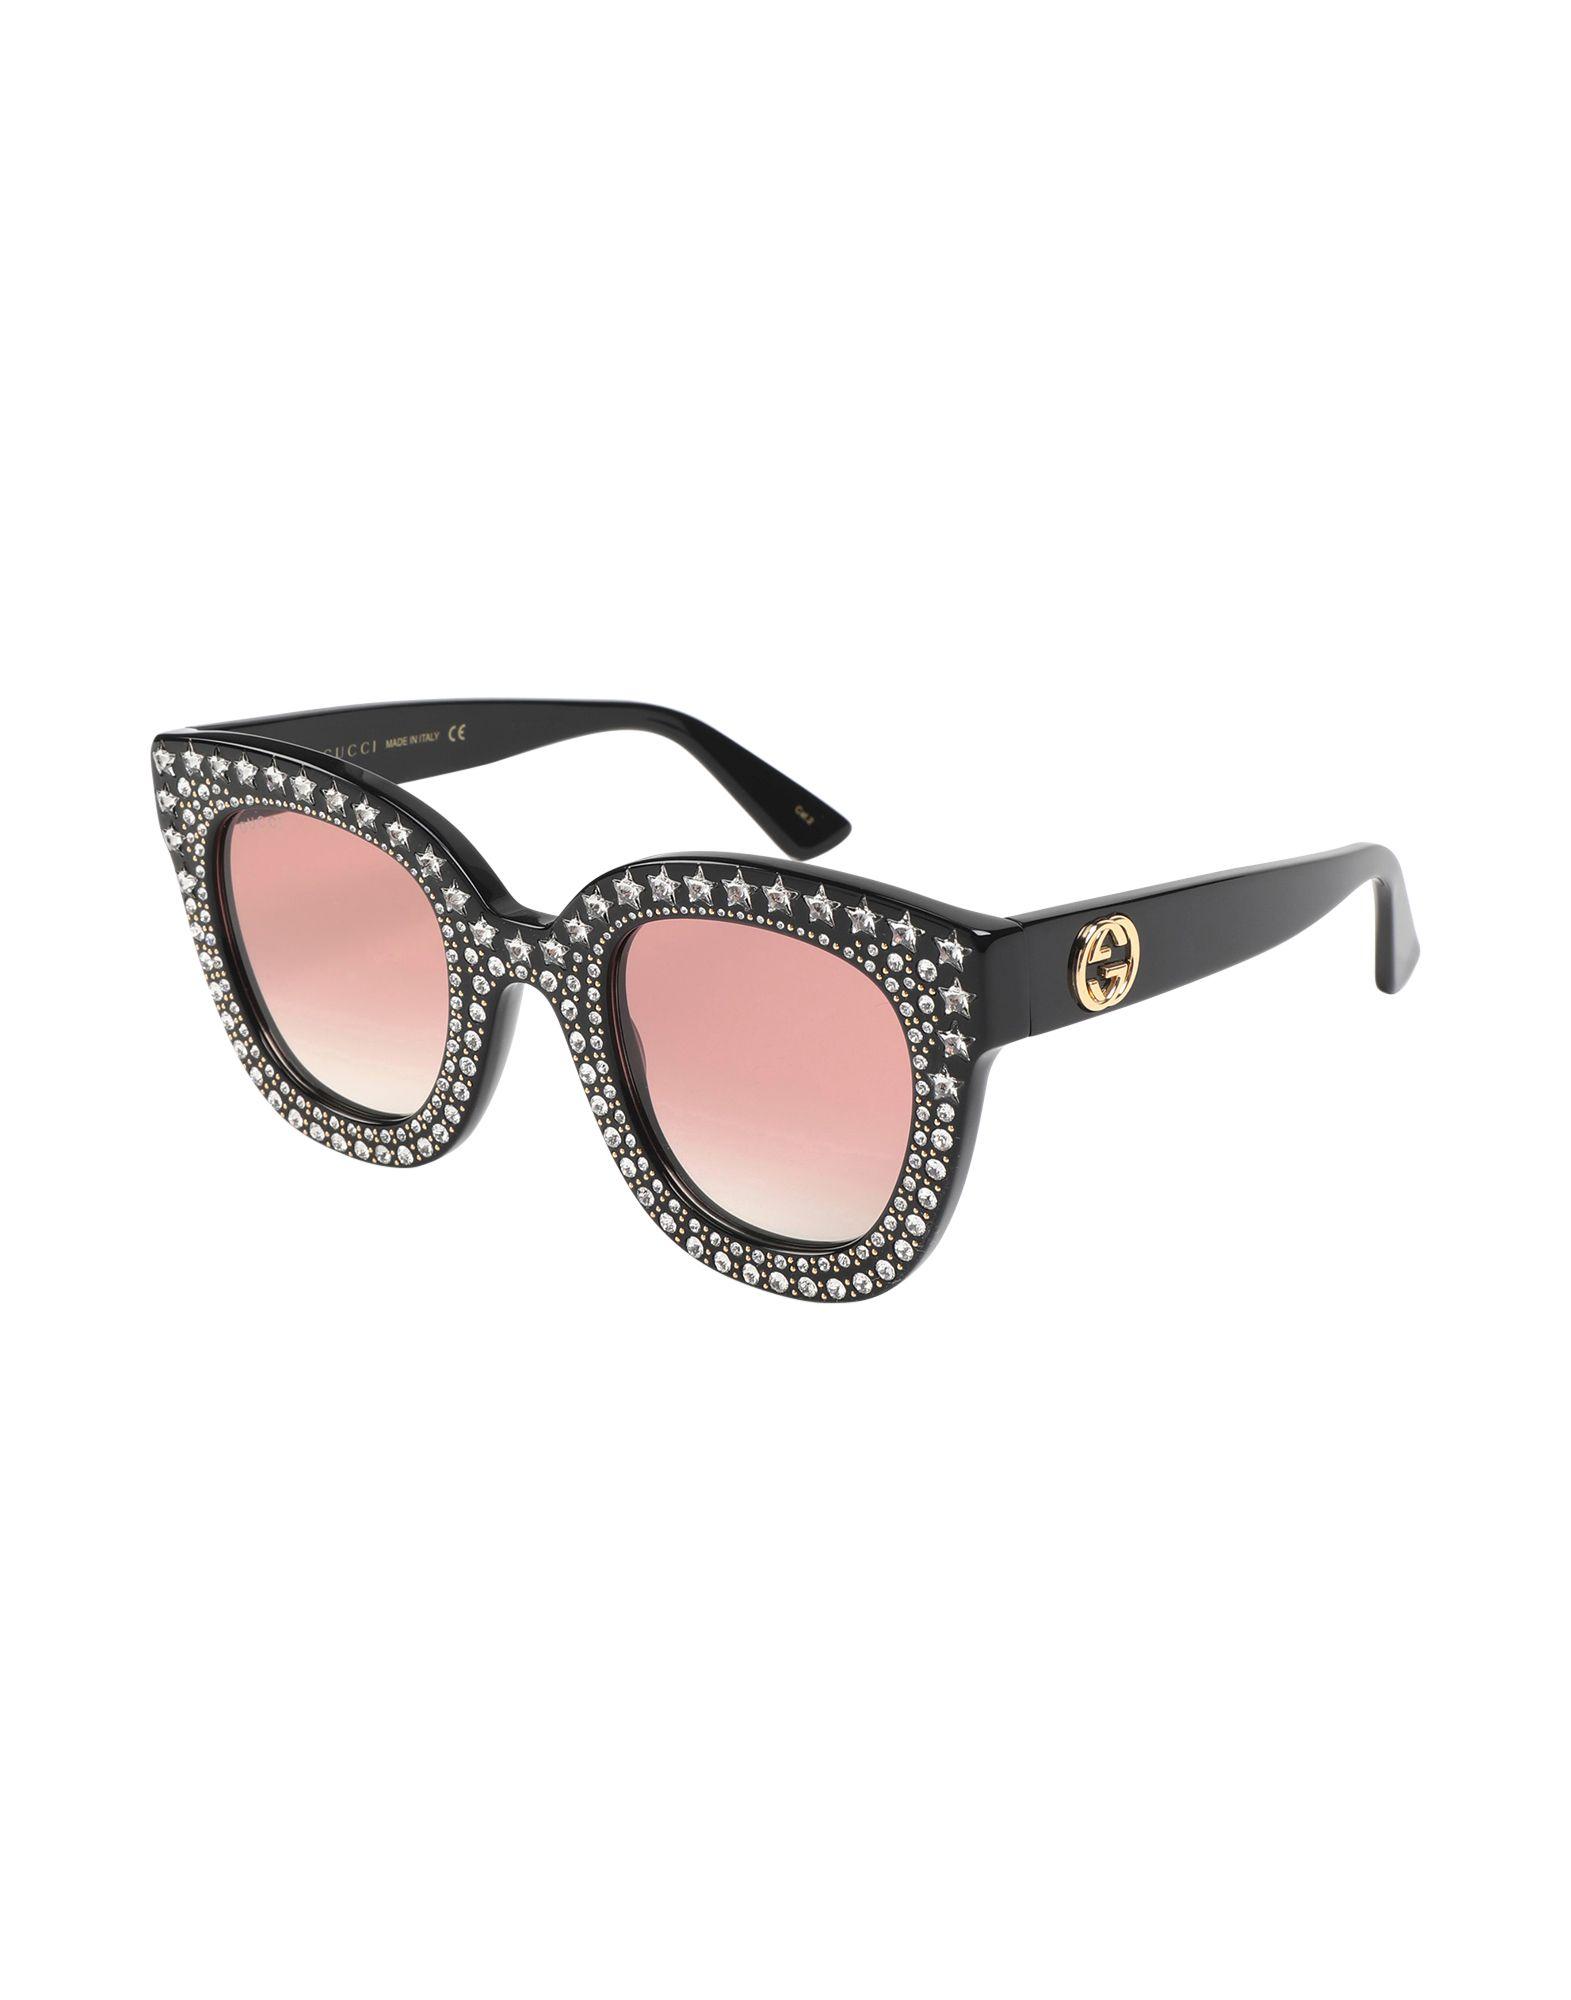 51560aa90d Gafas de sol mujer. Gucci